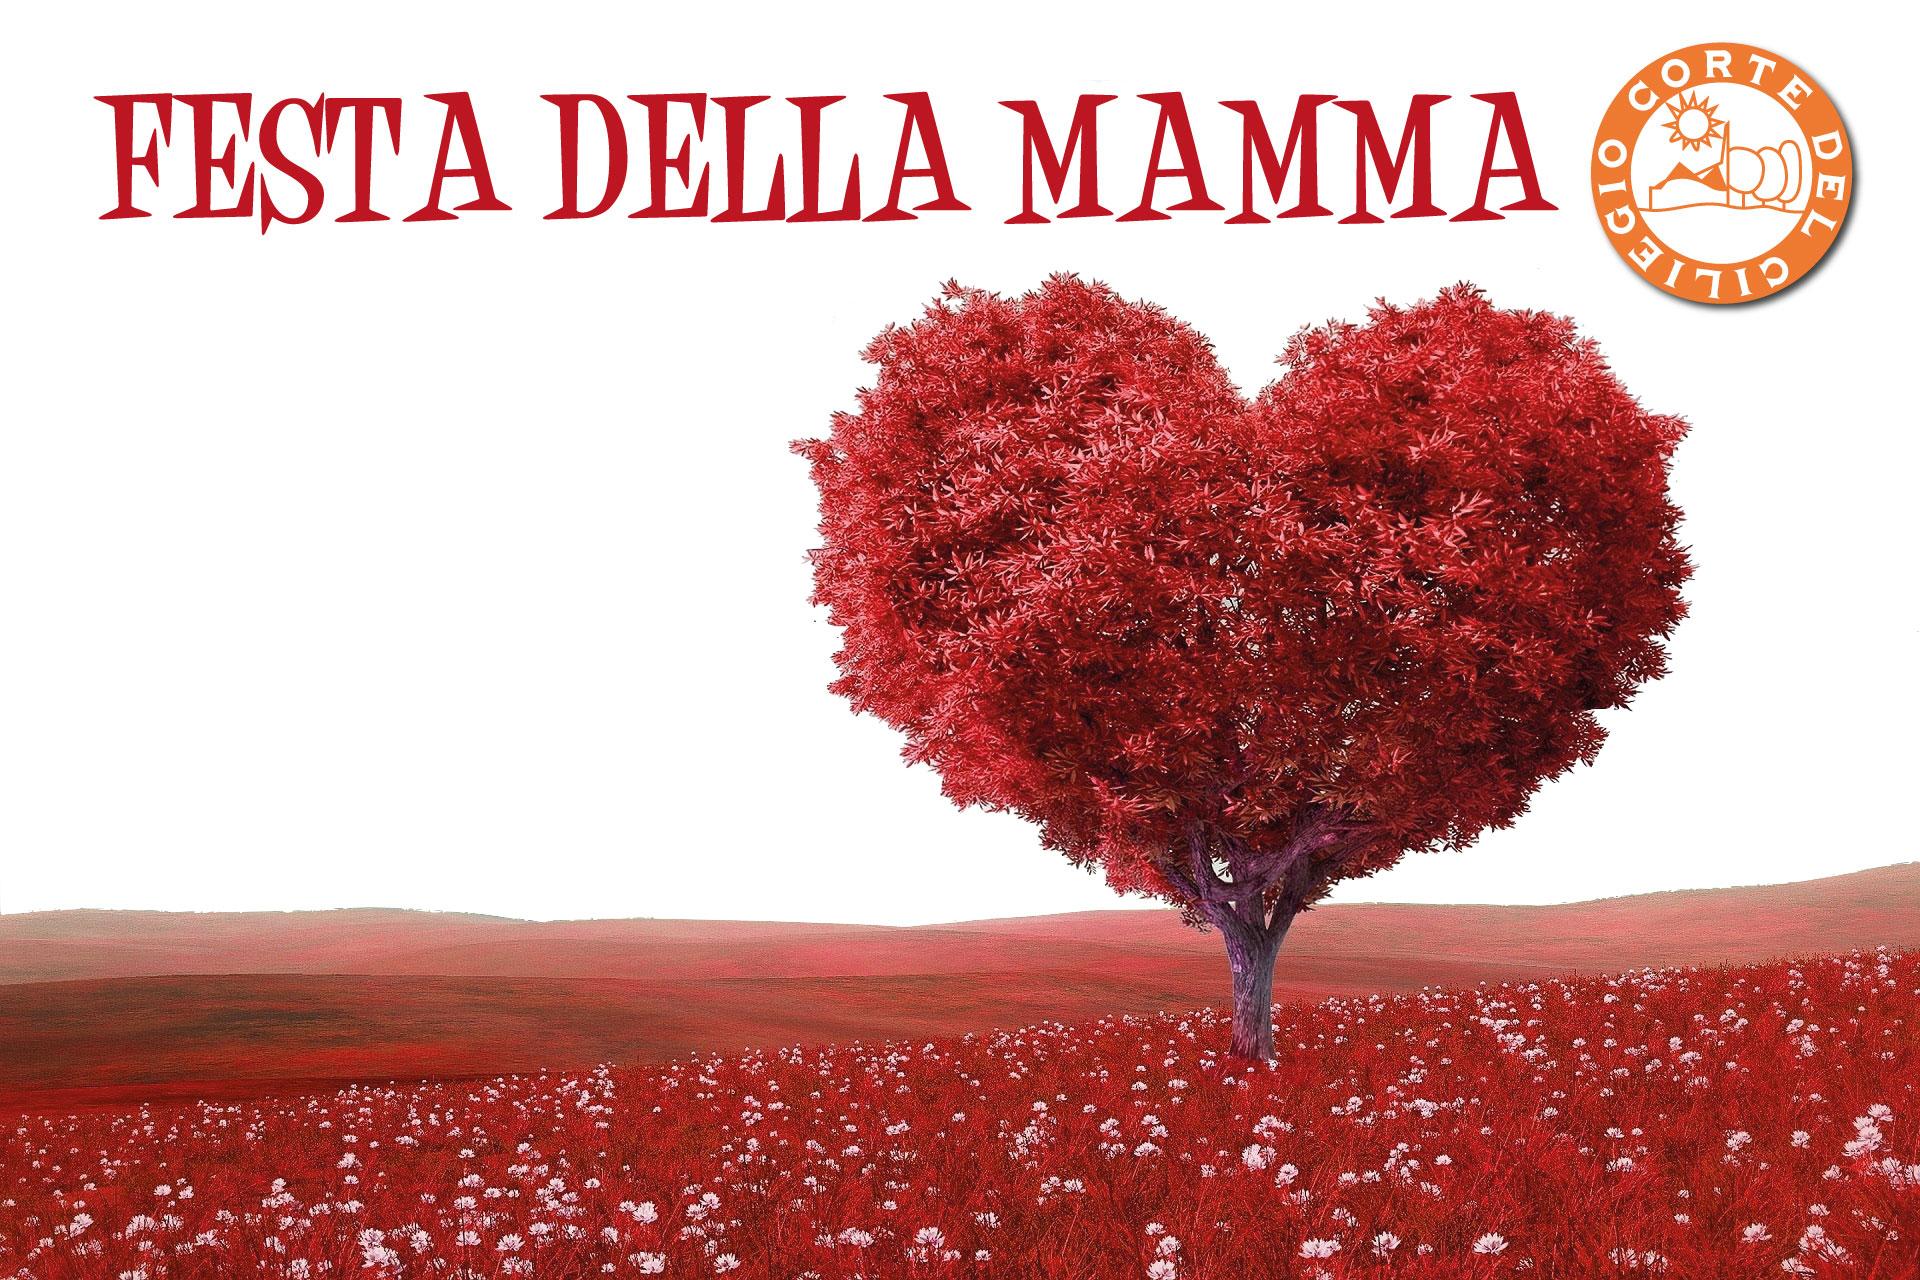 Festa della Mamma alla Corte del Ciliegio